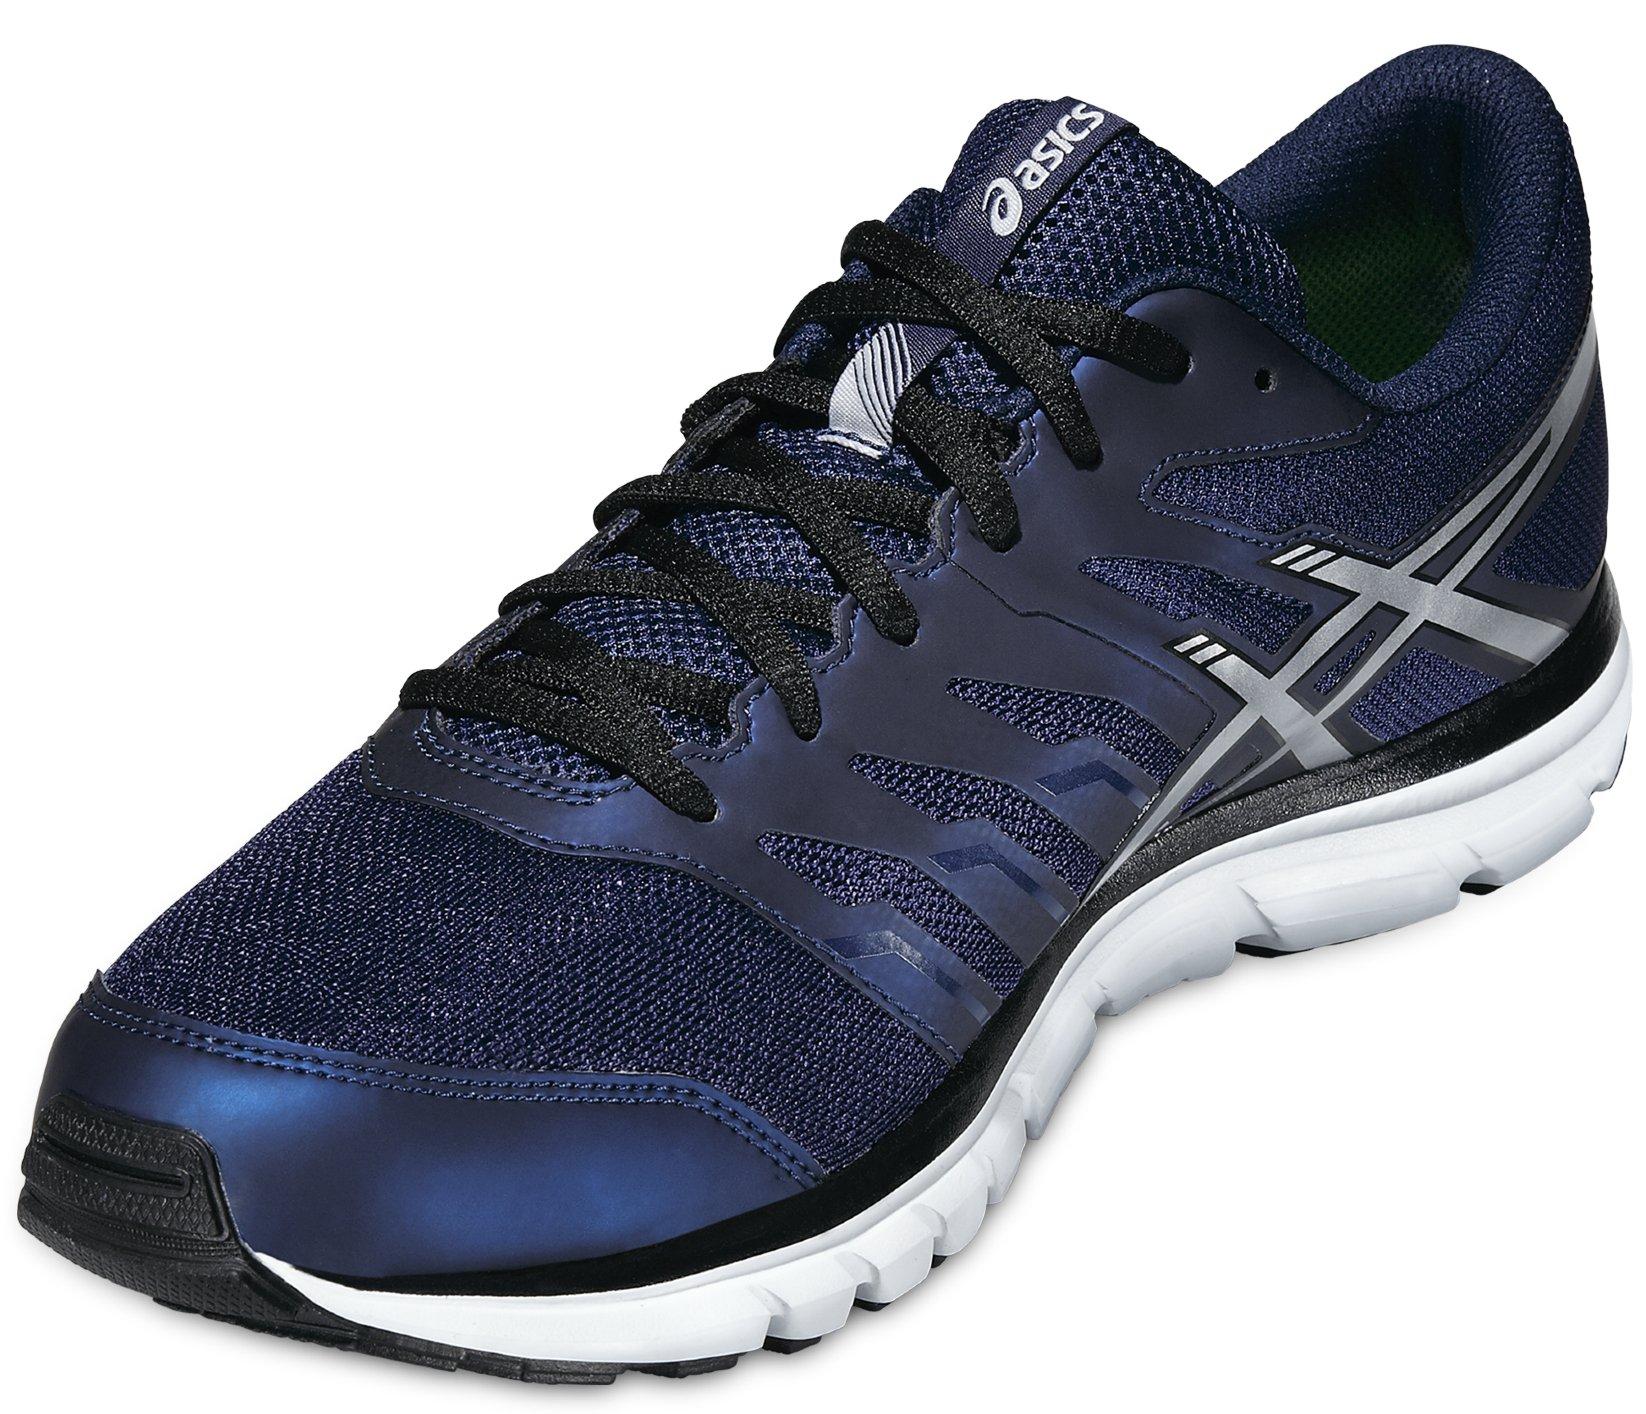 Купить кроссовки Asics Gel-Zaraca 4   Интернет-магазин Лаборатория бега 877b041505b